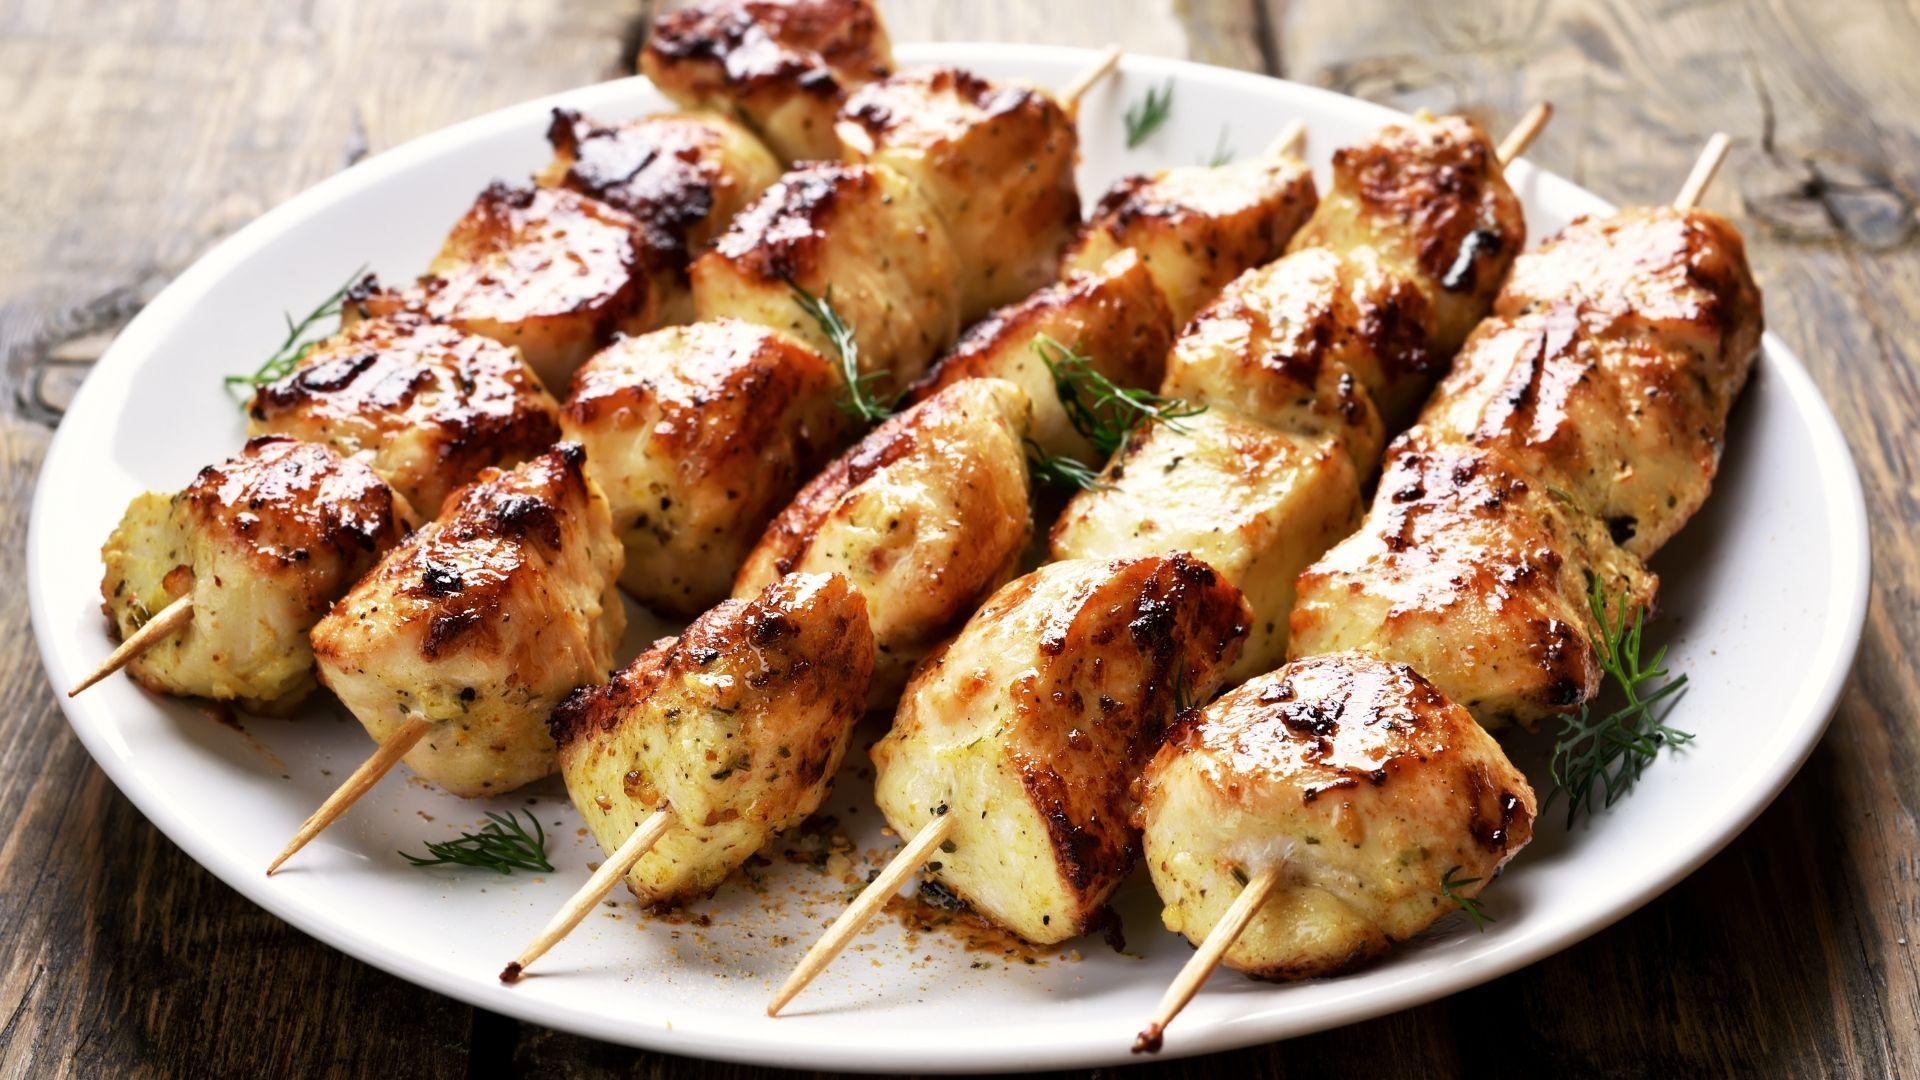 Recette : Chich taouk ( Brochettes de poulet libanaises)